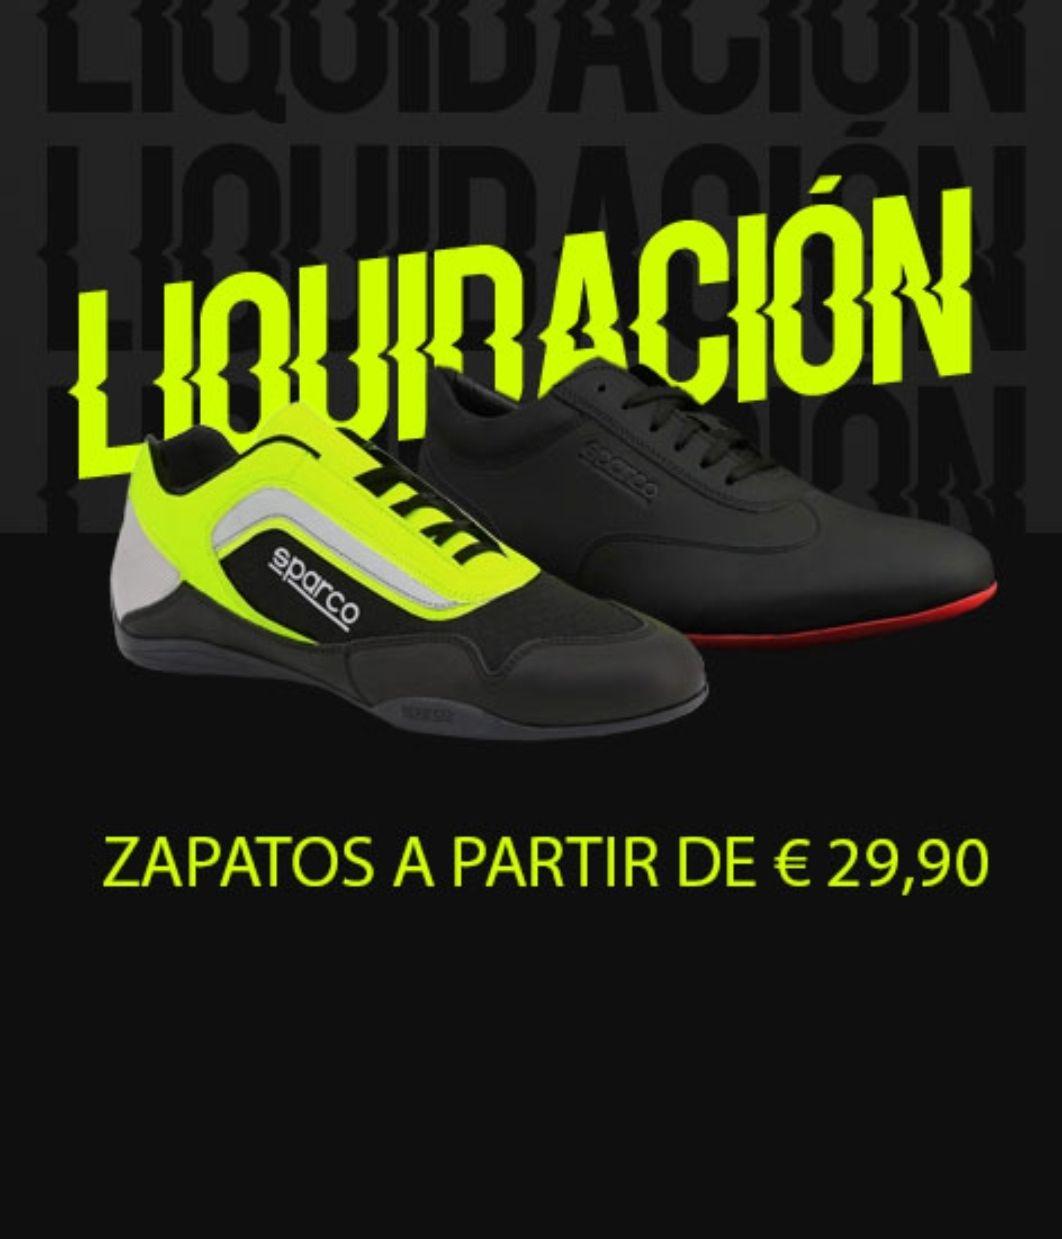 Liquidación zapatillas Sparco